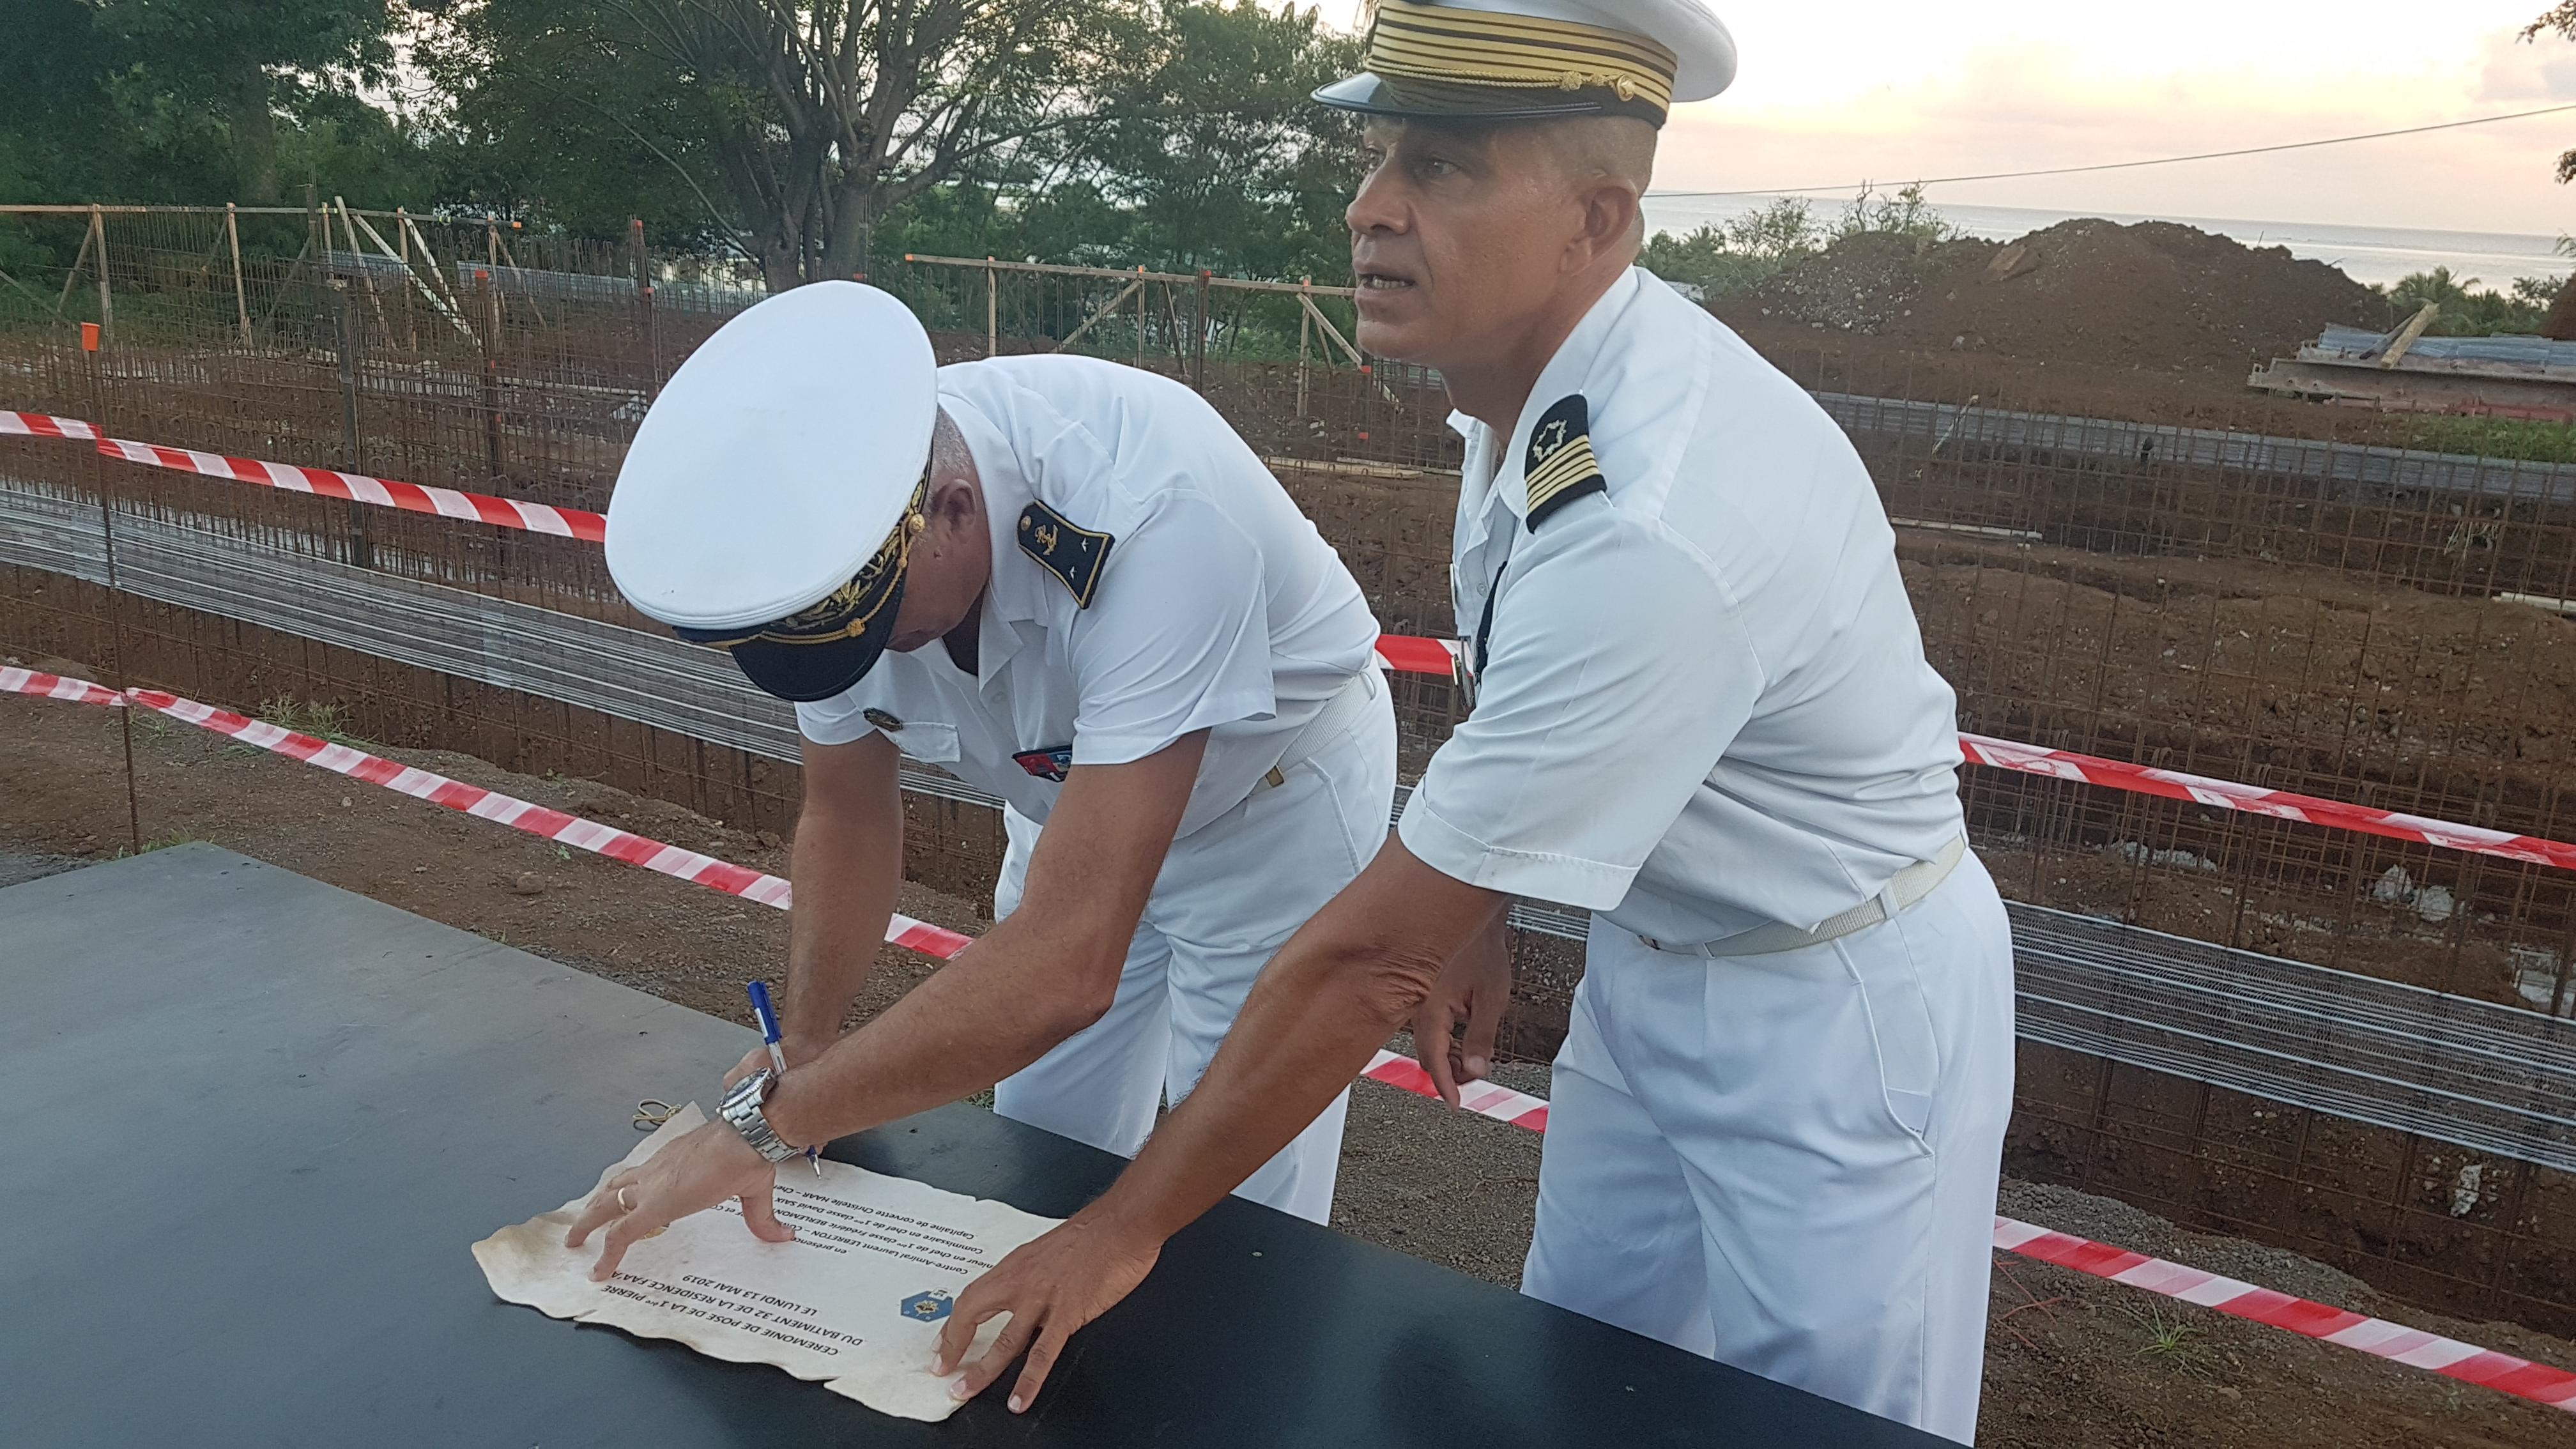 Le contre-amiral a glissé un parchemin dans un tube de bambou, qui a ensuite été scellé dans la pierre. Crédit FAPF